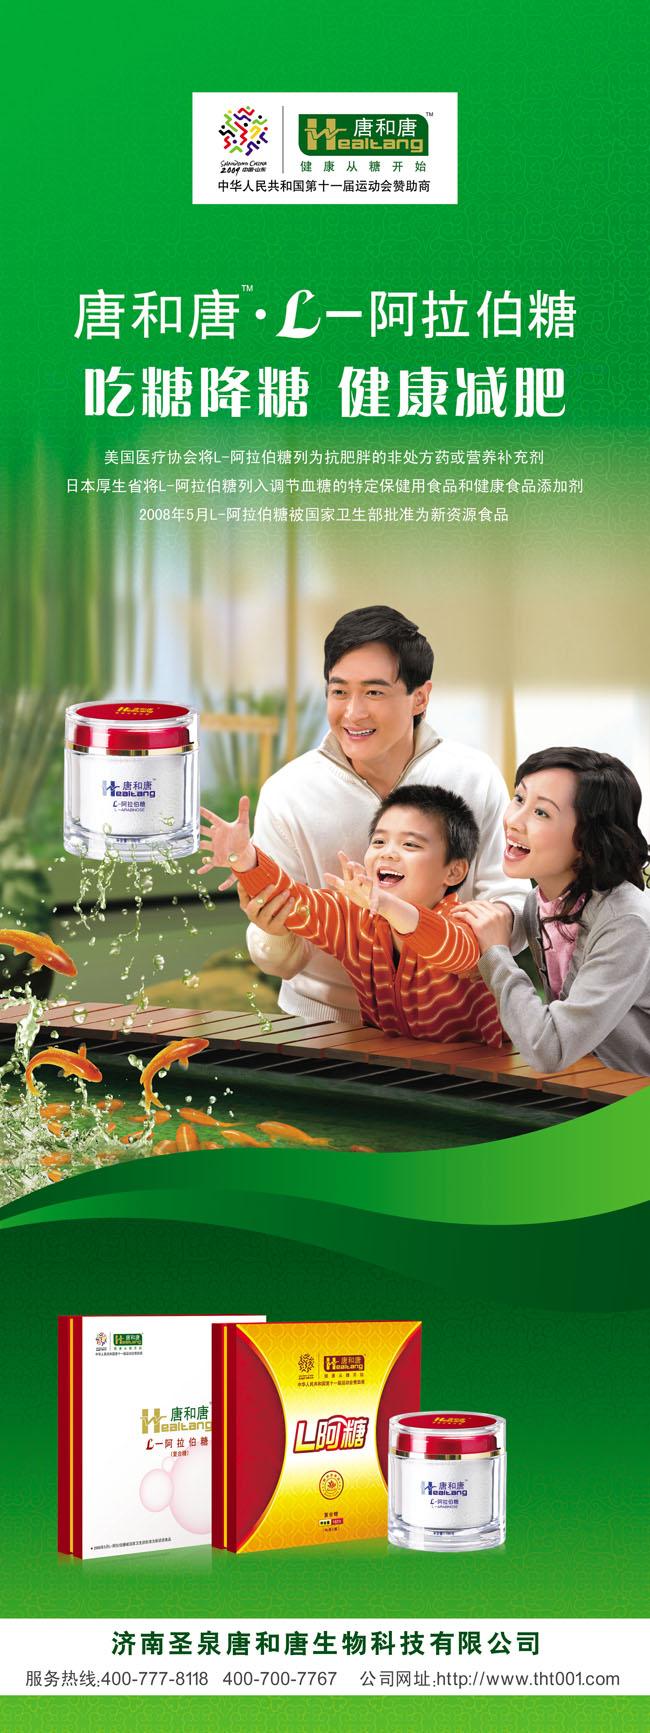 唐和唐图标包装生物科技公司健康减肥展板广告海报宣传幸福家庭分层